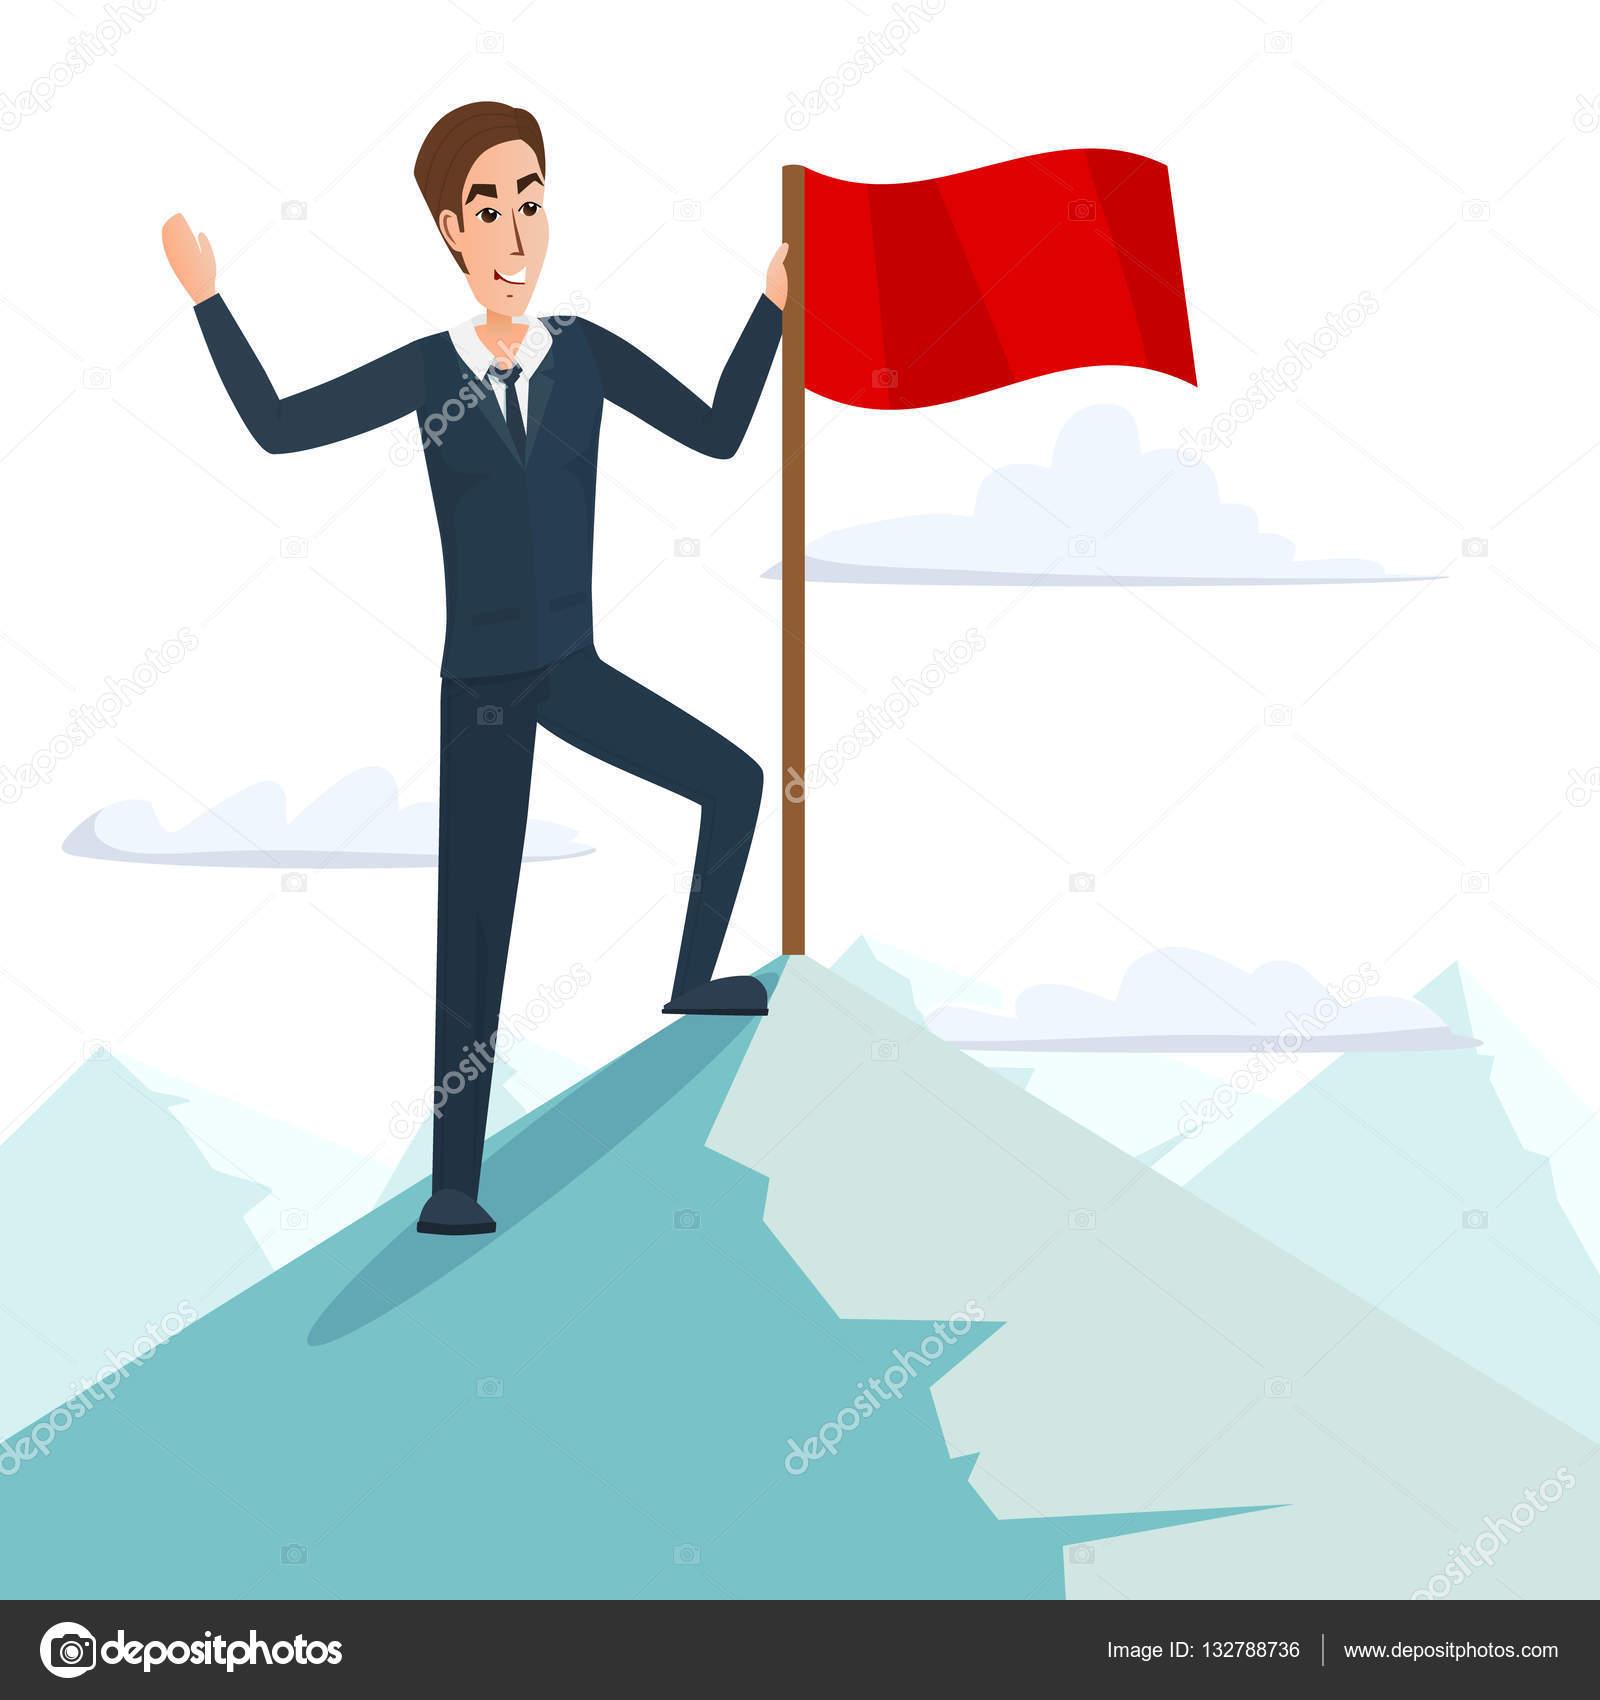 ... bandera en la cima de una montaña, éxito y misión, motivación de  Victoria blanco, ganador en la parte superior. Concepto de negocio de  dibujos animados.